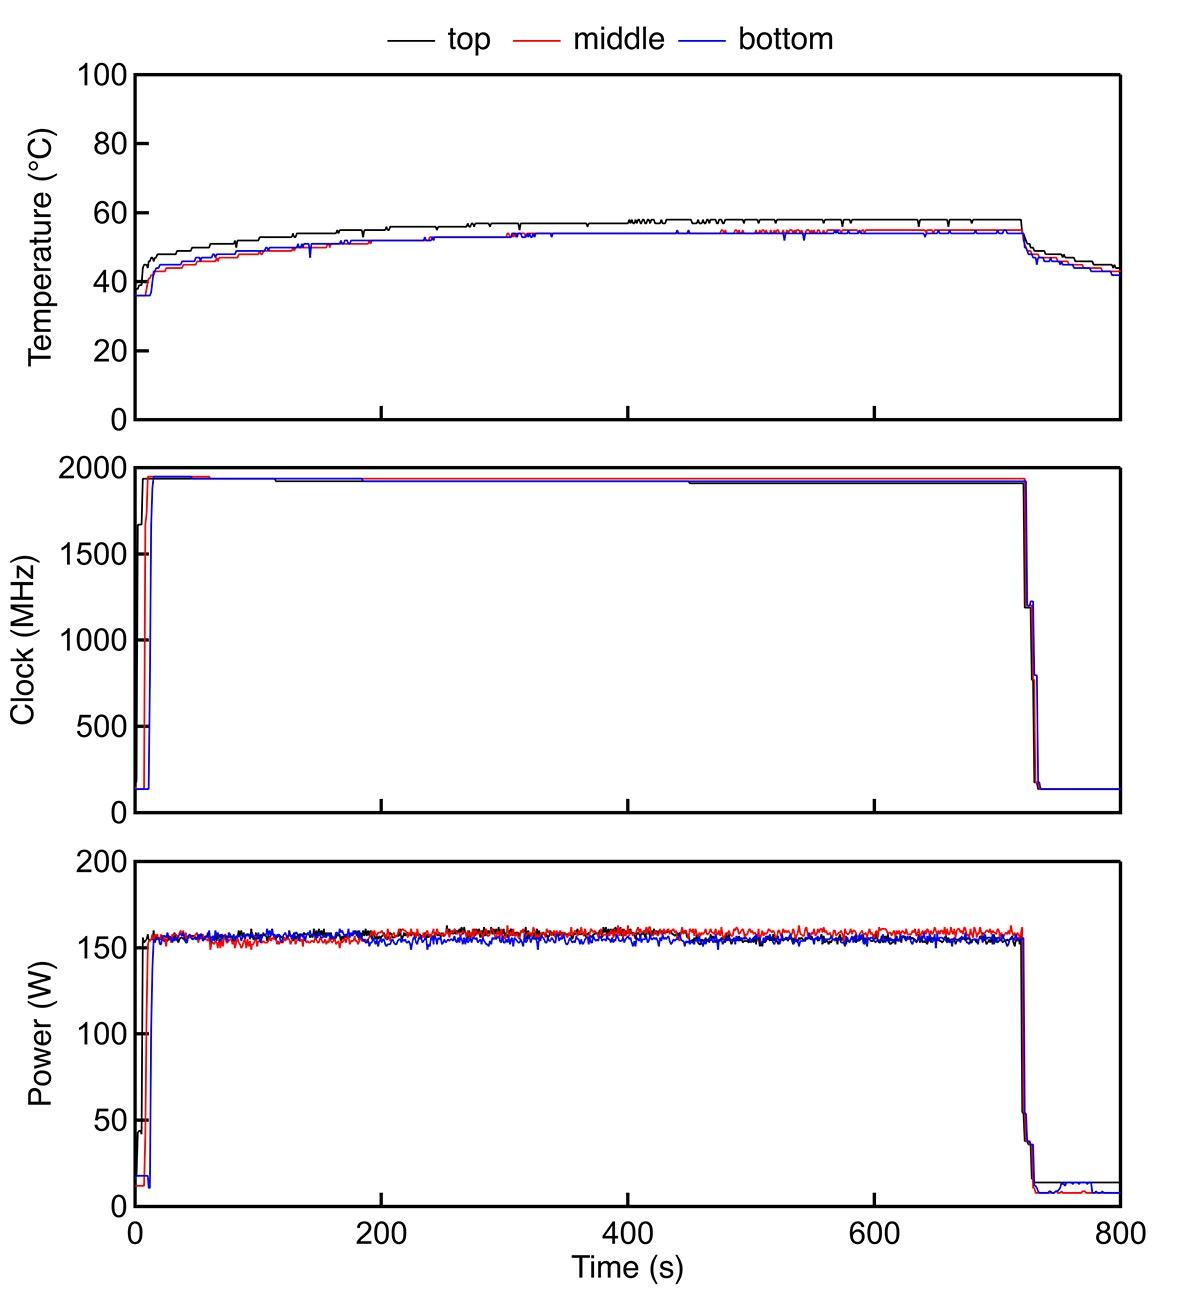 gpu01_WC_graph.jpg